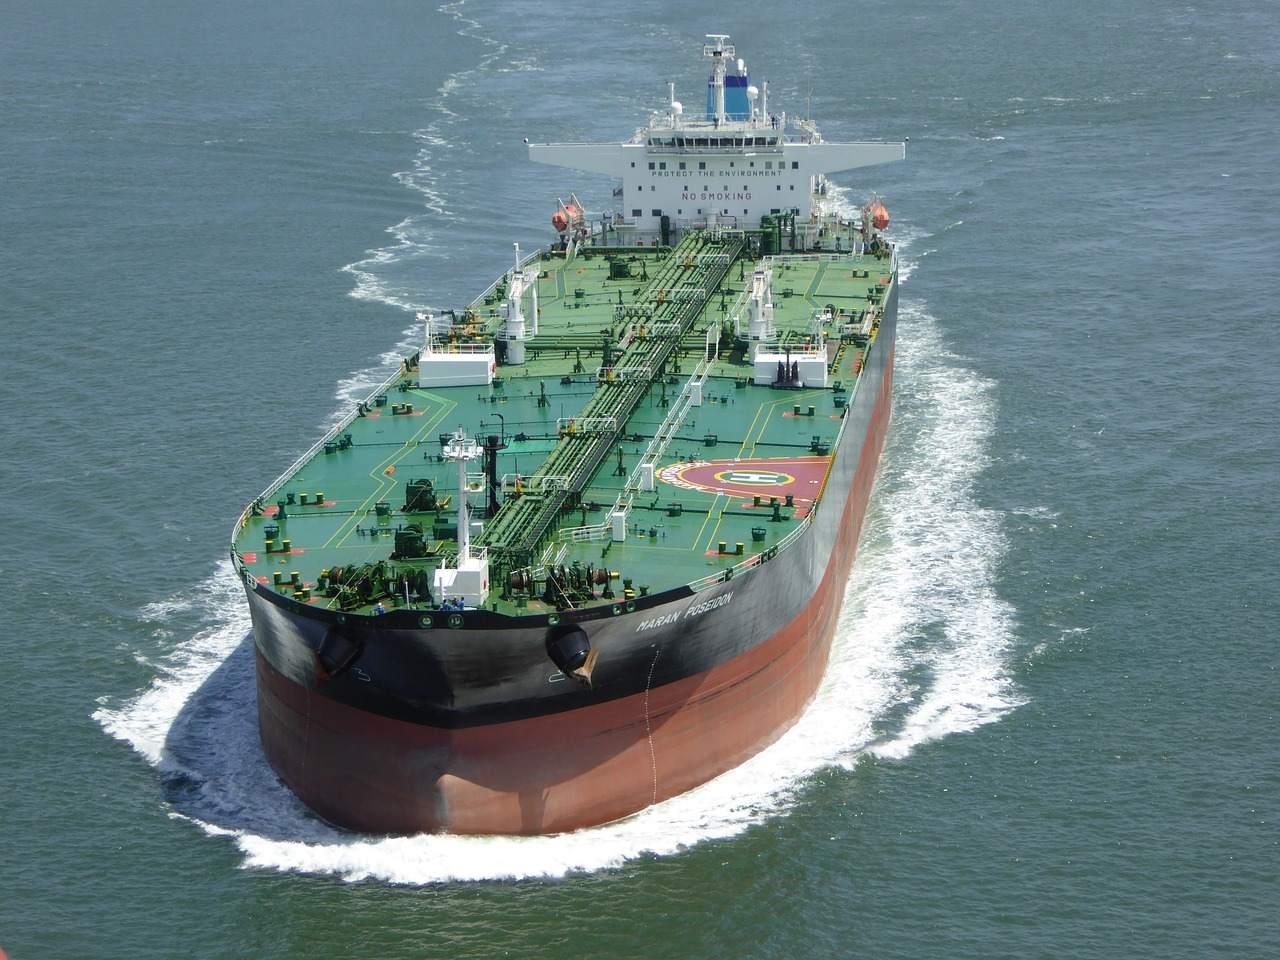 Ölpreis steigt wegen angeblichem Angriff auf iranischen Öltanker - Beispielfoto